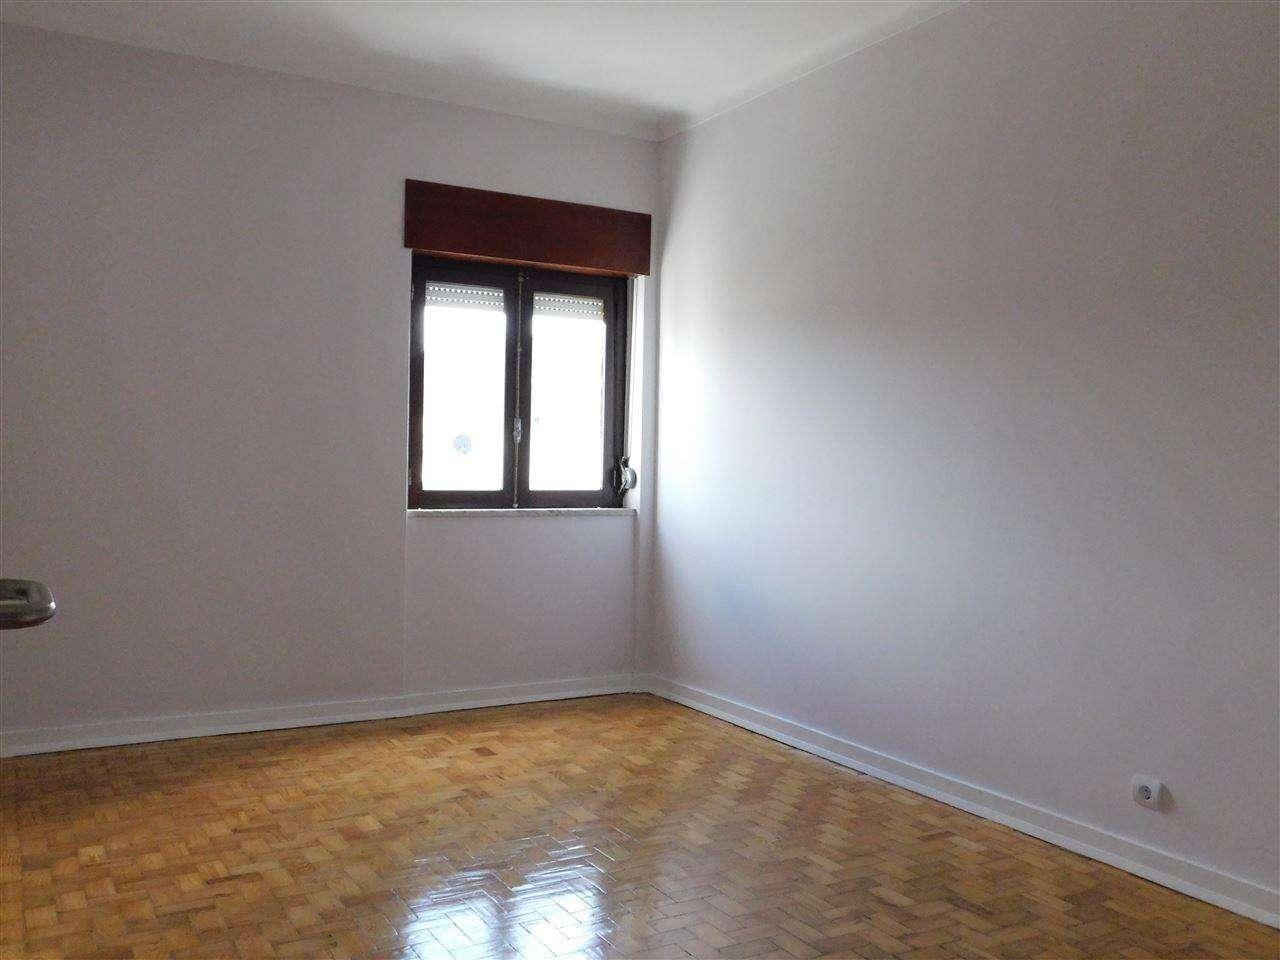 Apartamento para comprar, Fundão, Valverde, Donas, Aldeia de Joanes e Aldeia Nova do Cabo, Castelo Branco - Foto 4